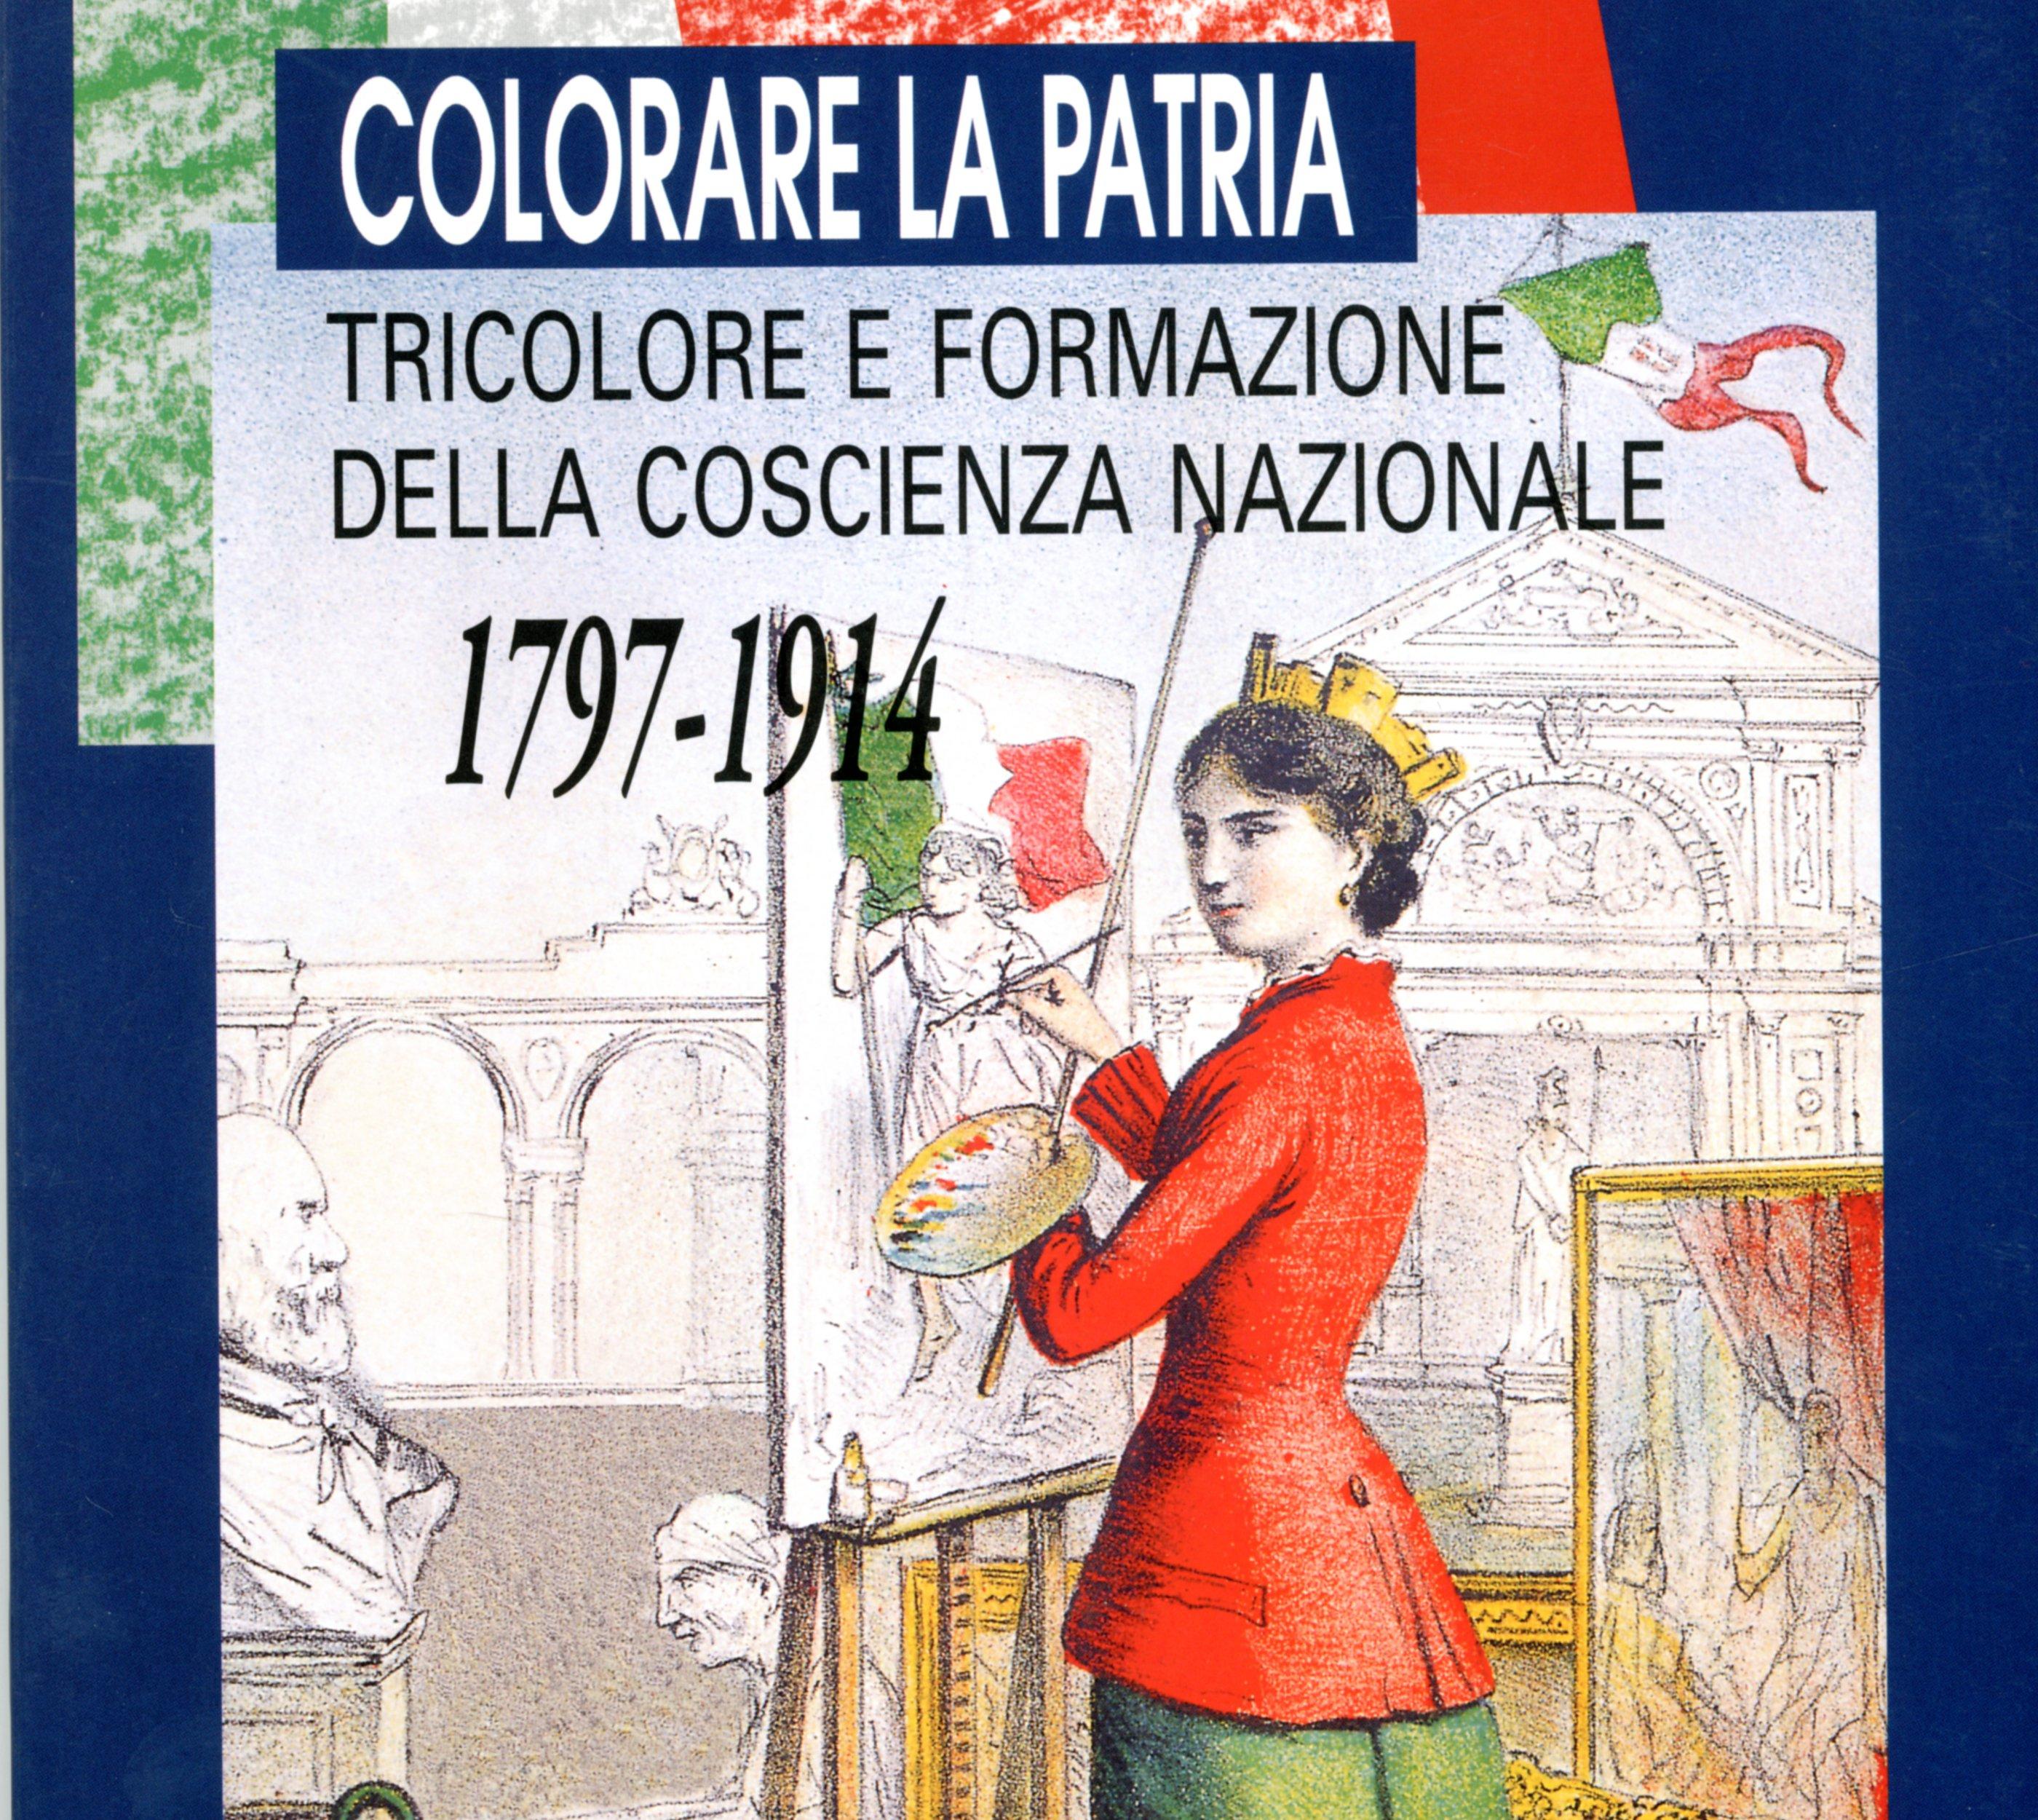 Colorare la patria. Tricolore e formazione della coscienza nazionale. 1796-1914, 1996